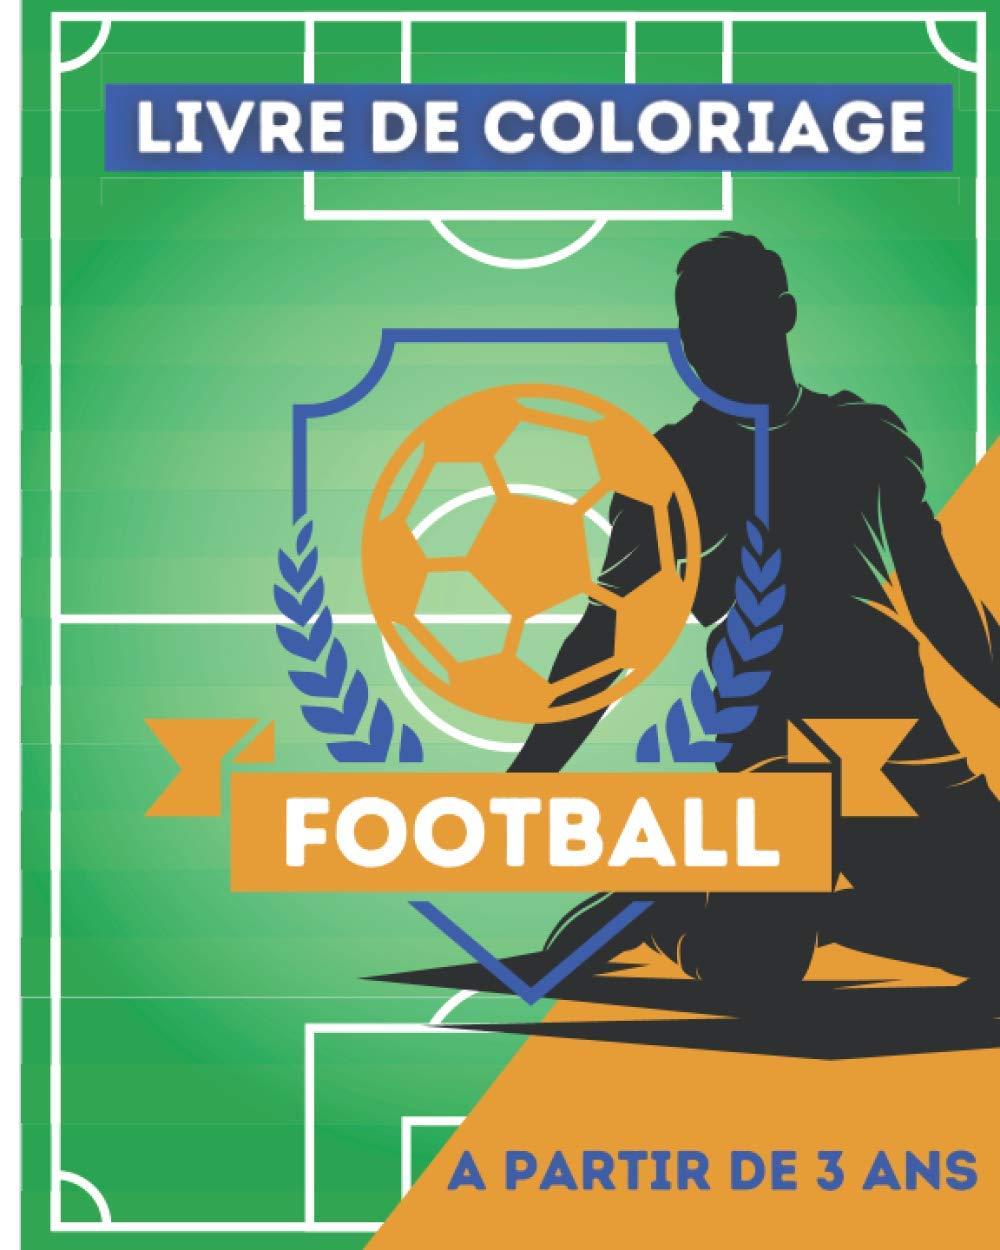 Livre De Coloriage Football Carnet De Dessin Et De Coloriage Sur Le Theme Du Football A Partir De 3 Ans Une Trentaine De Dessins A Colorier Fille